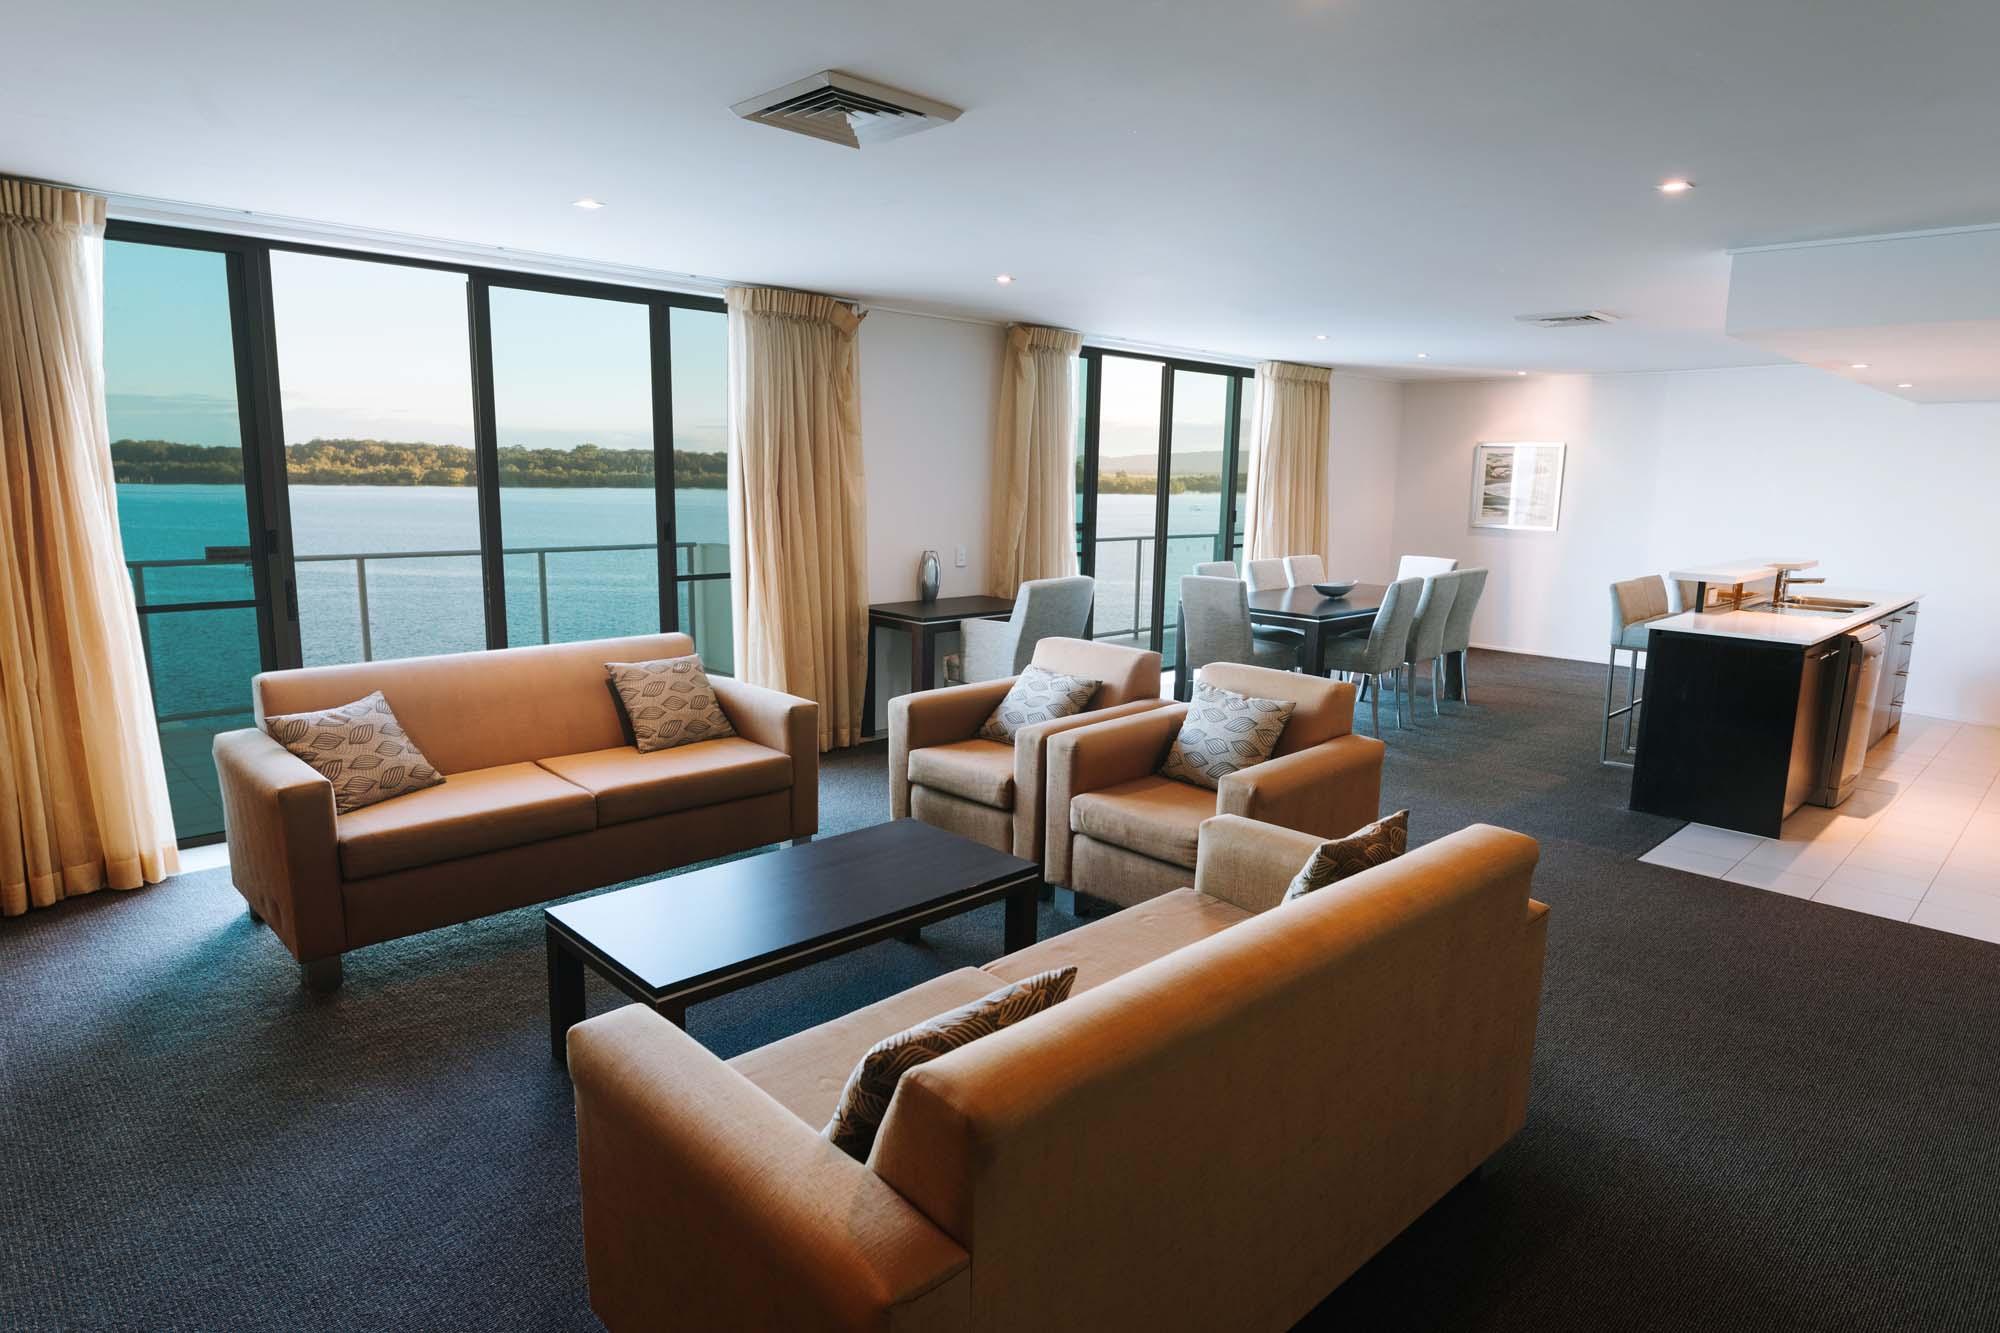 ramada hotel ballina penthouse apartment